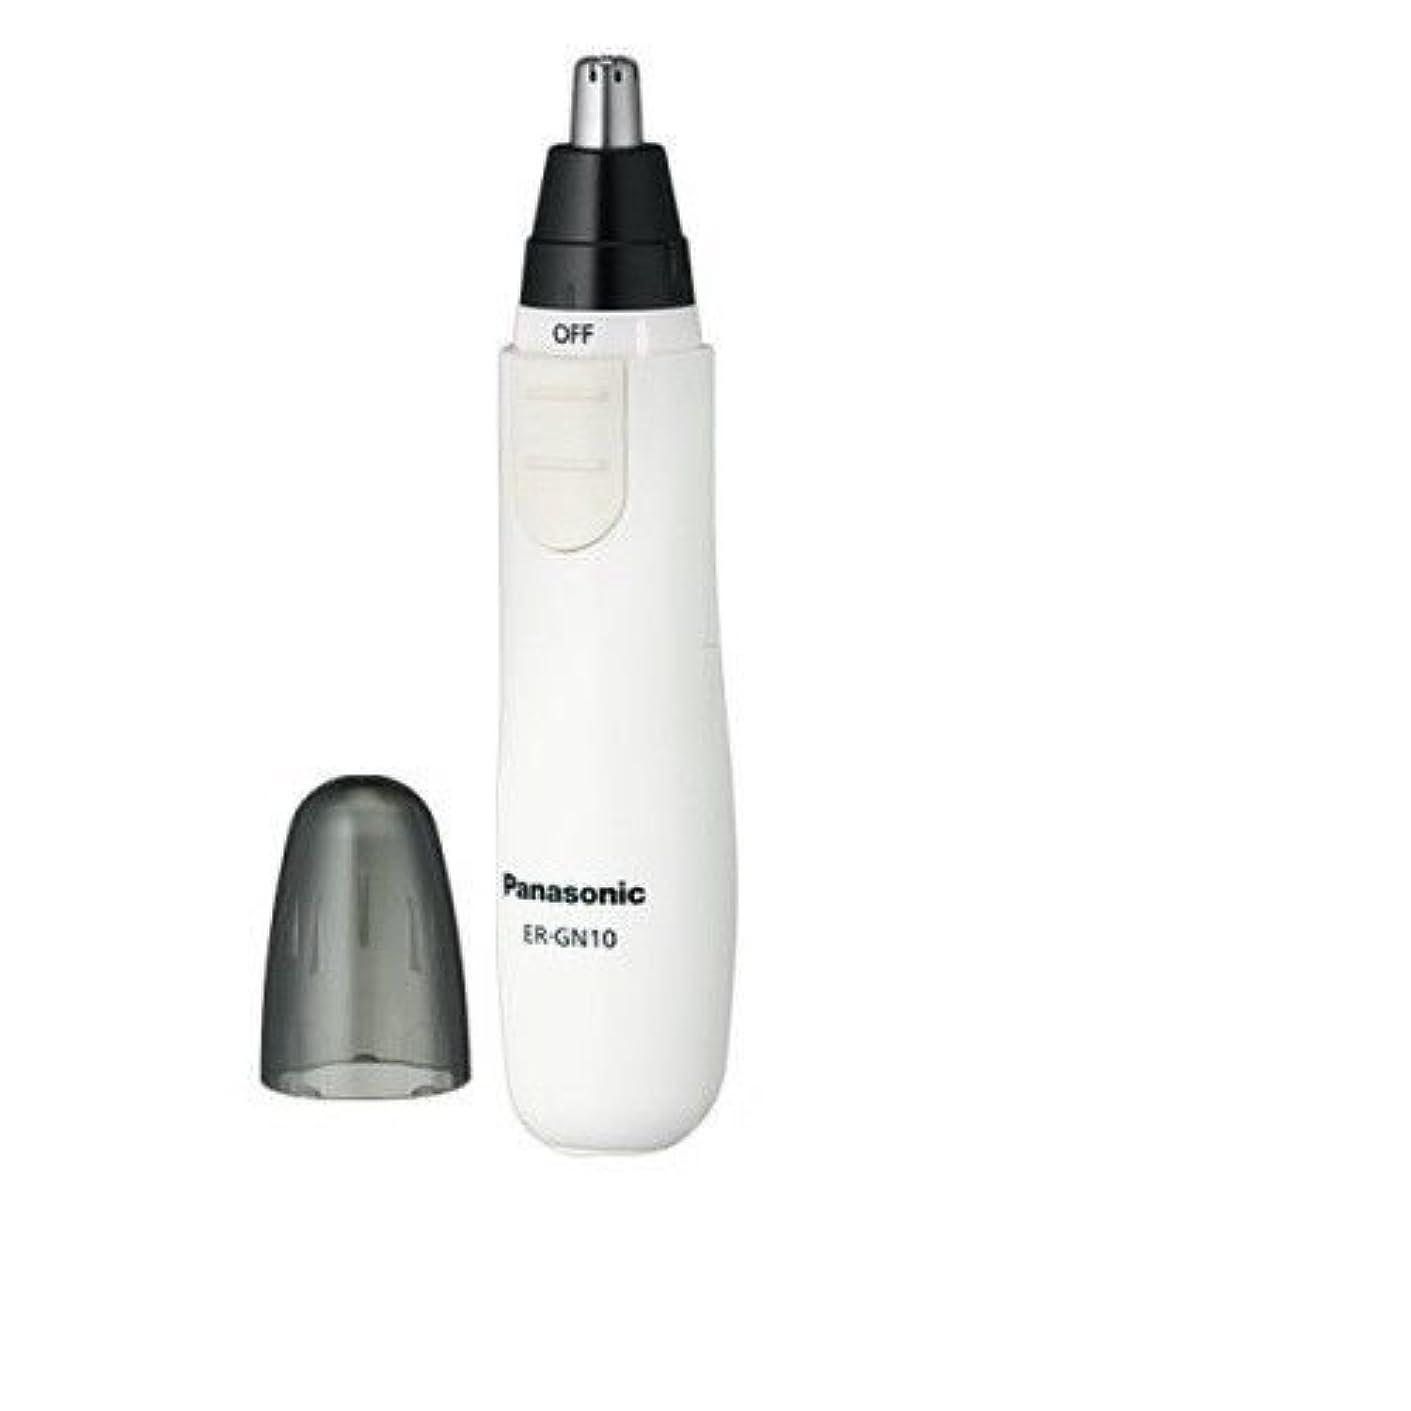 乱暴な与えるスロットPanasonic ER-GN10-W 耳毛トリマーは//鼻シェーバー ER-GN10 ホワイト日本製 [並行輸入品]